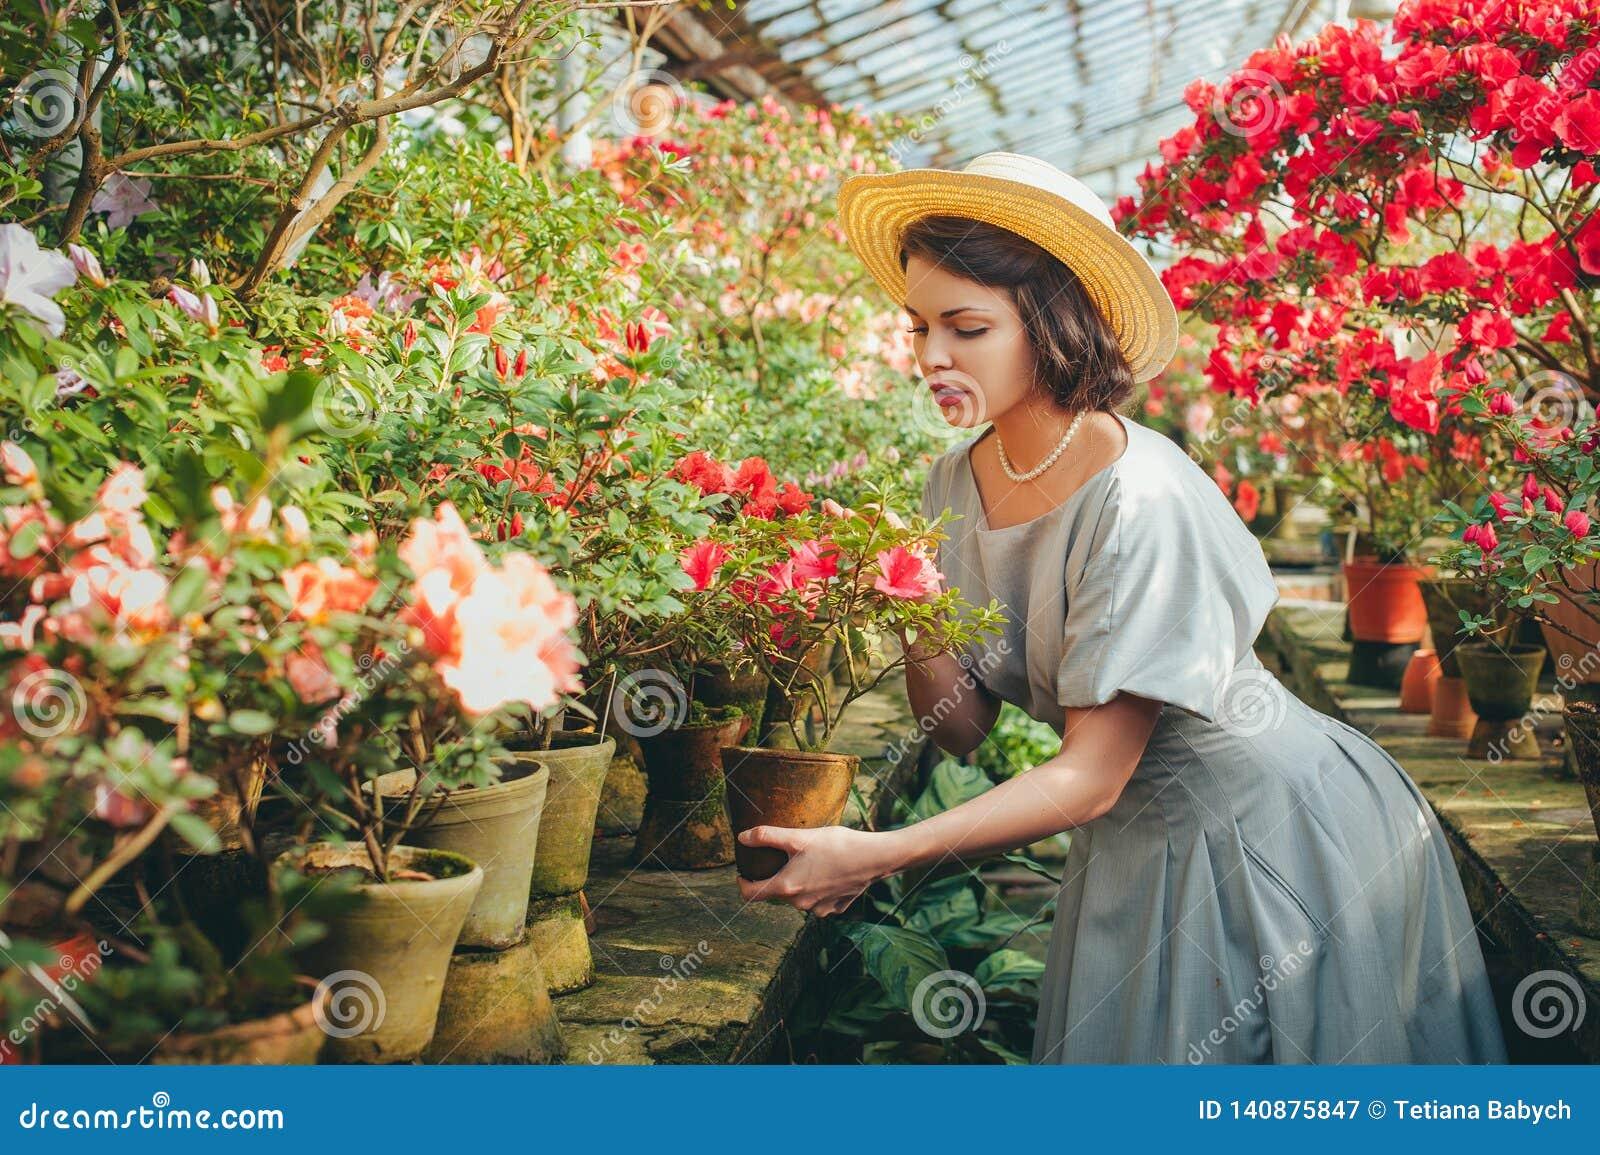 Красивая взрослая девушка в парнике азалии мечтая в красивых ретро платье и шляпе